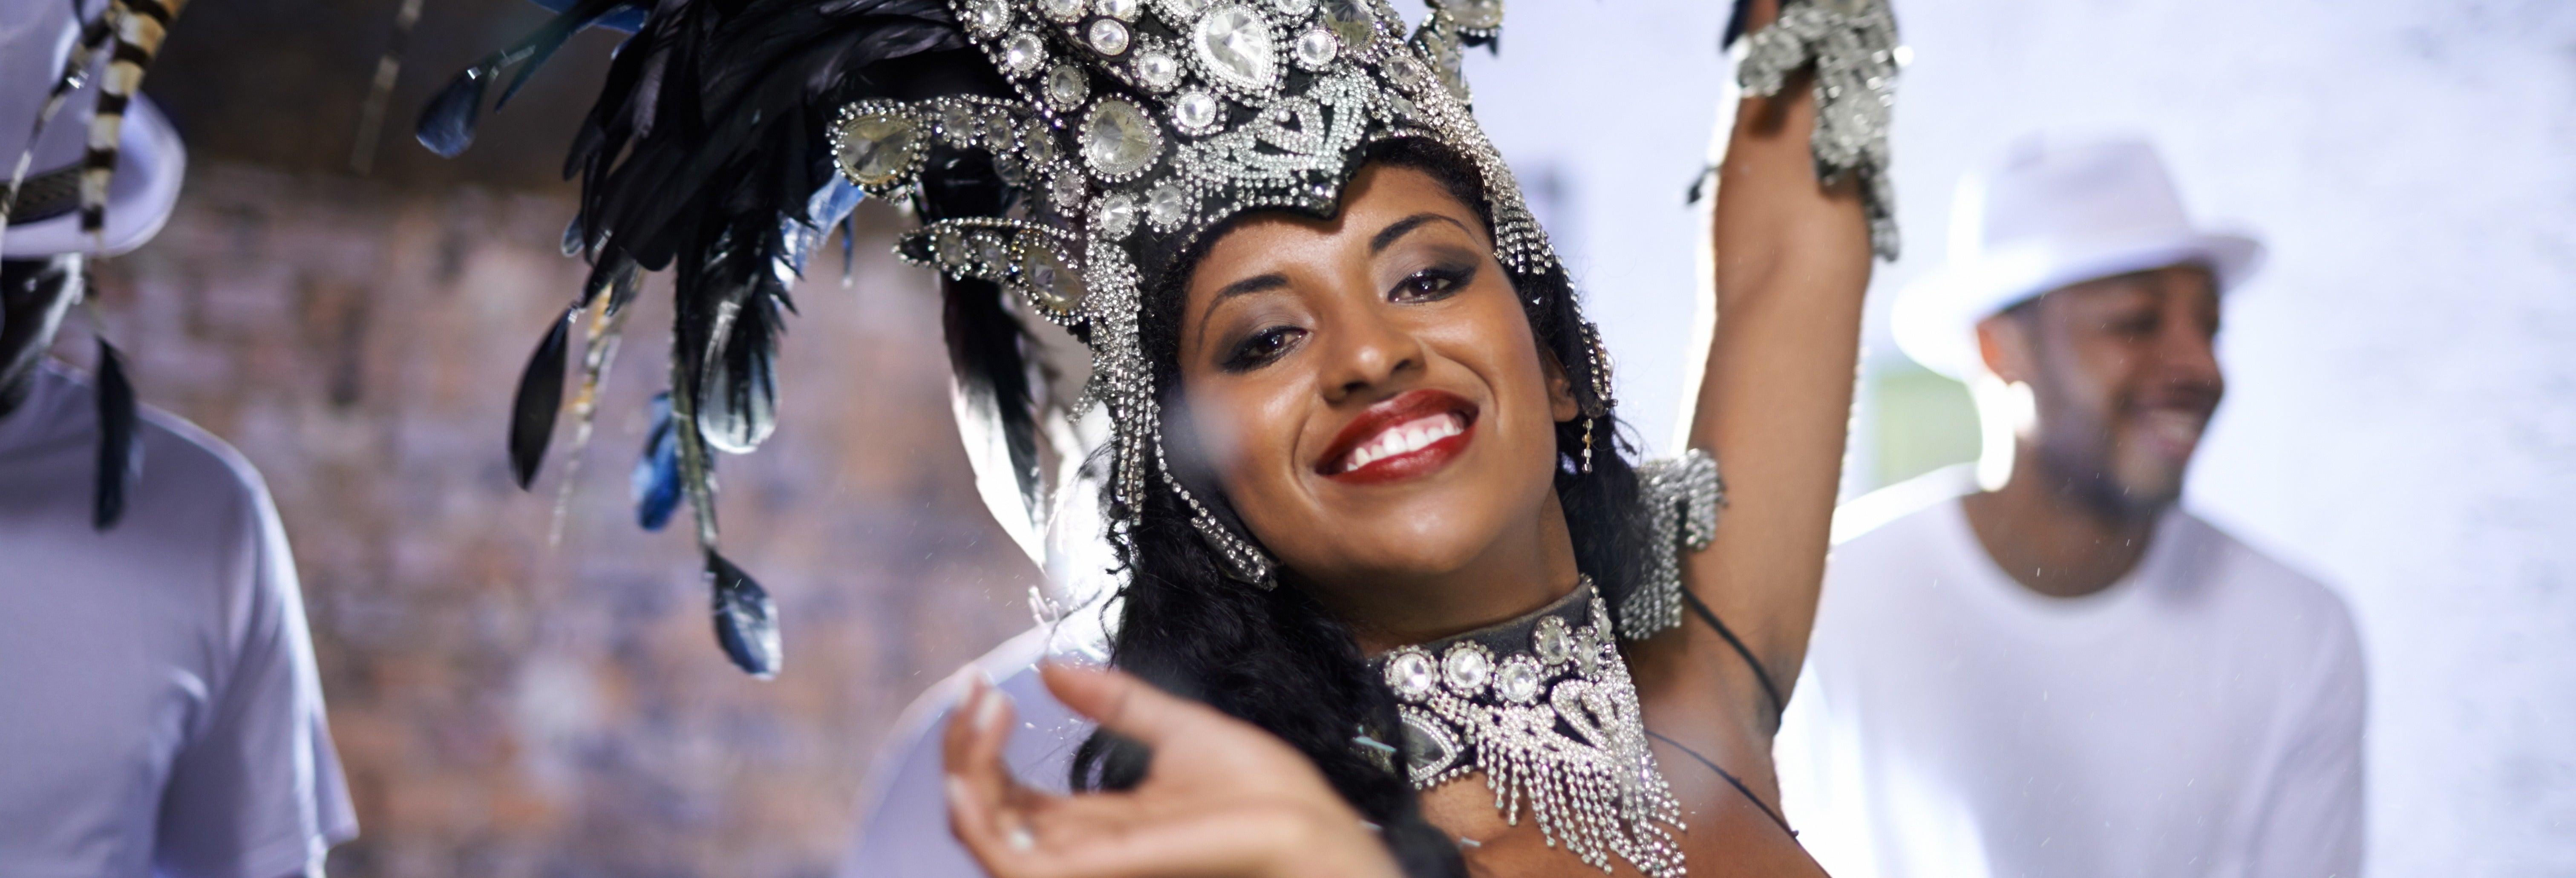 Sfilata del carnevale di Rio de Janeiro